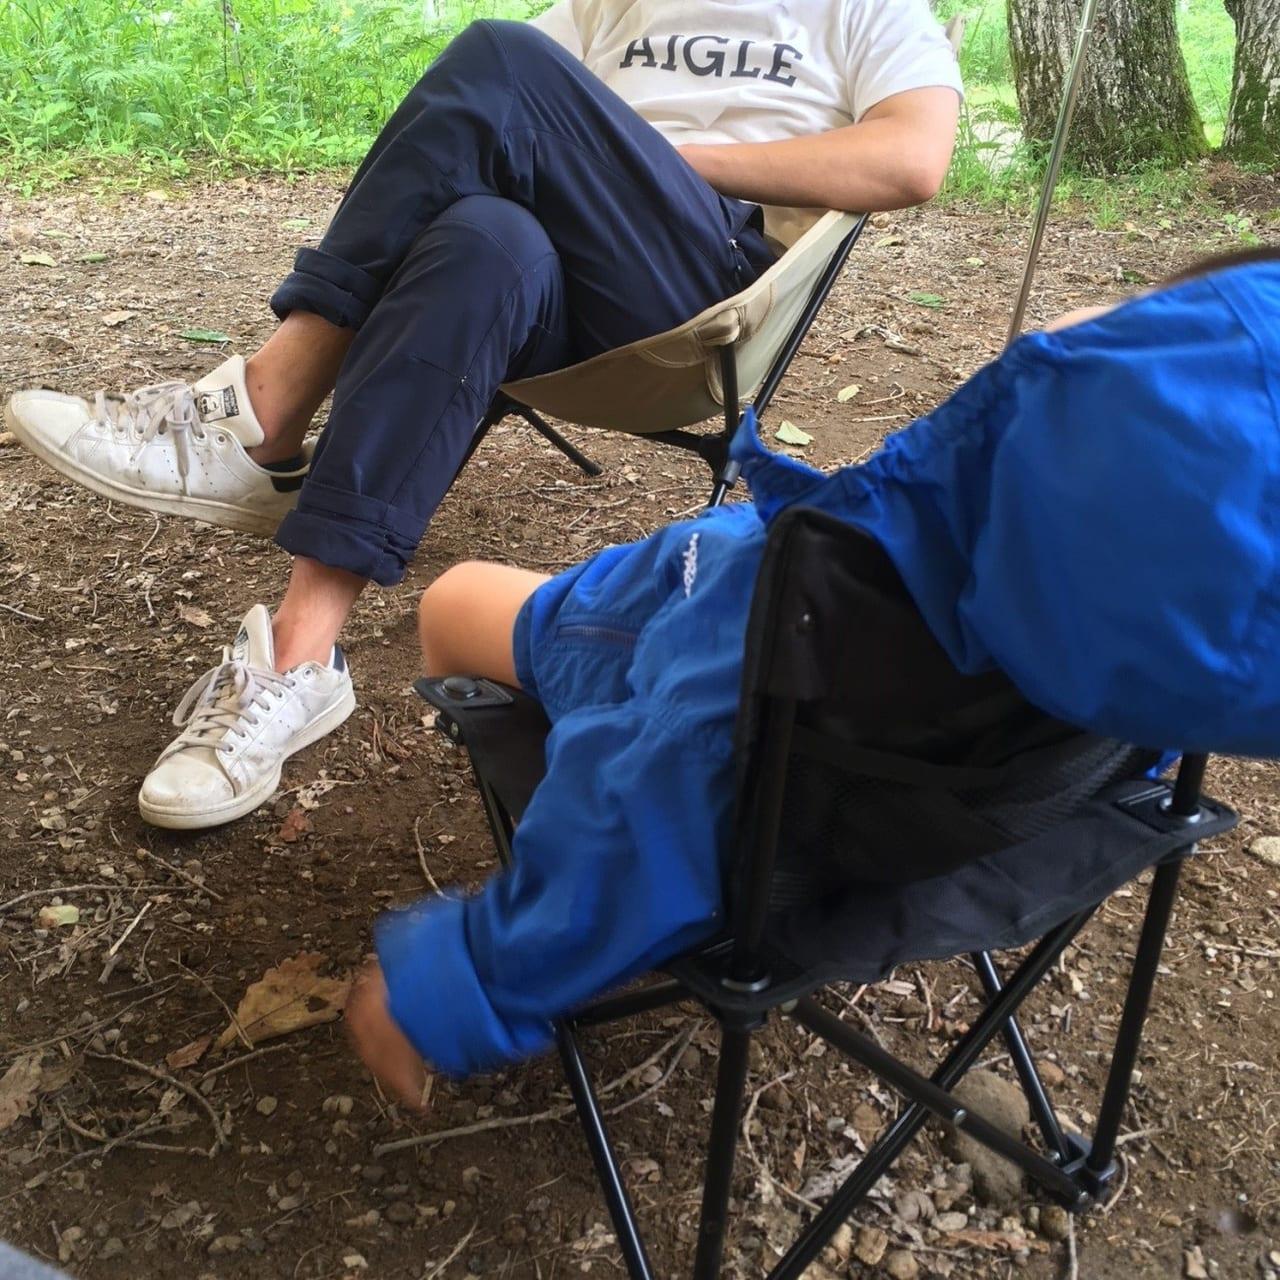 /時短で子供達とのんびりキャンプ